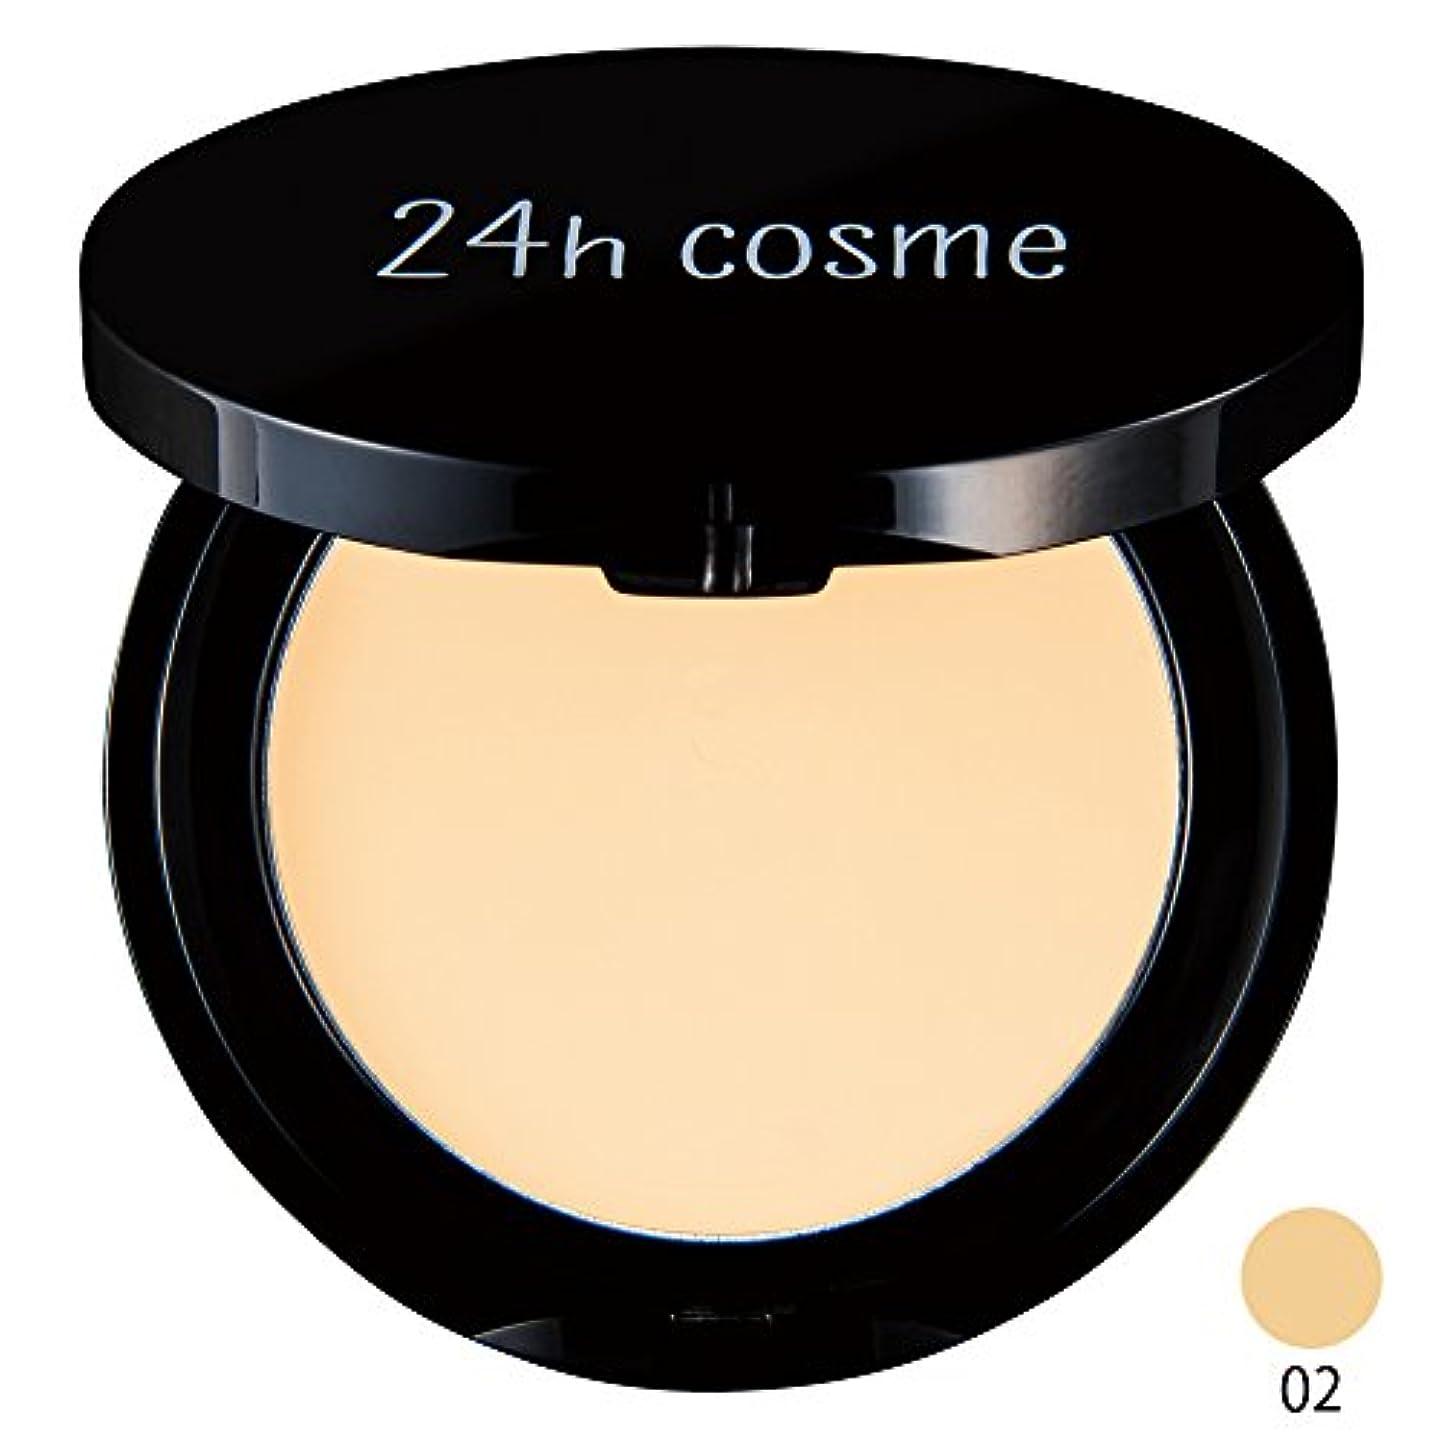 平和的錆び太陽24h cosme 24 ミネラルクリームファンデ 02ライト SPF50+/PA++++